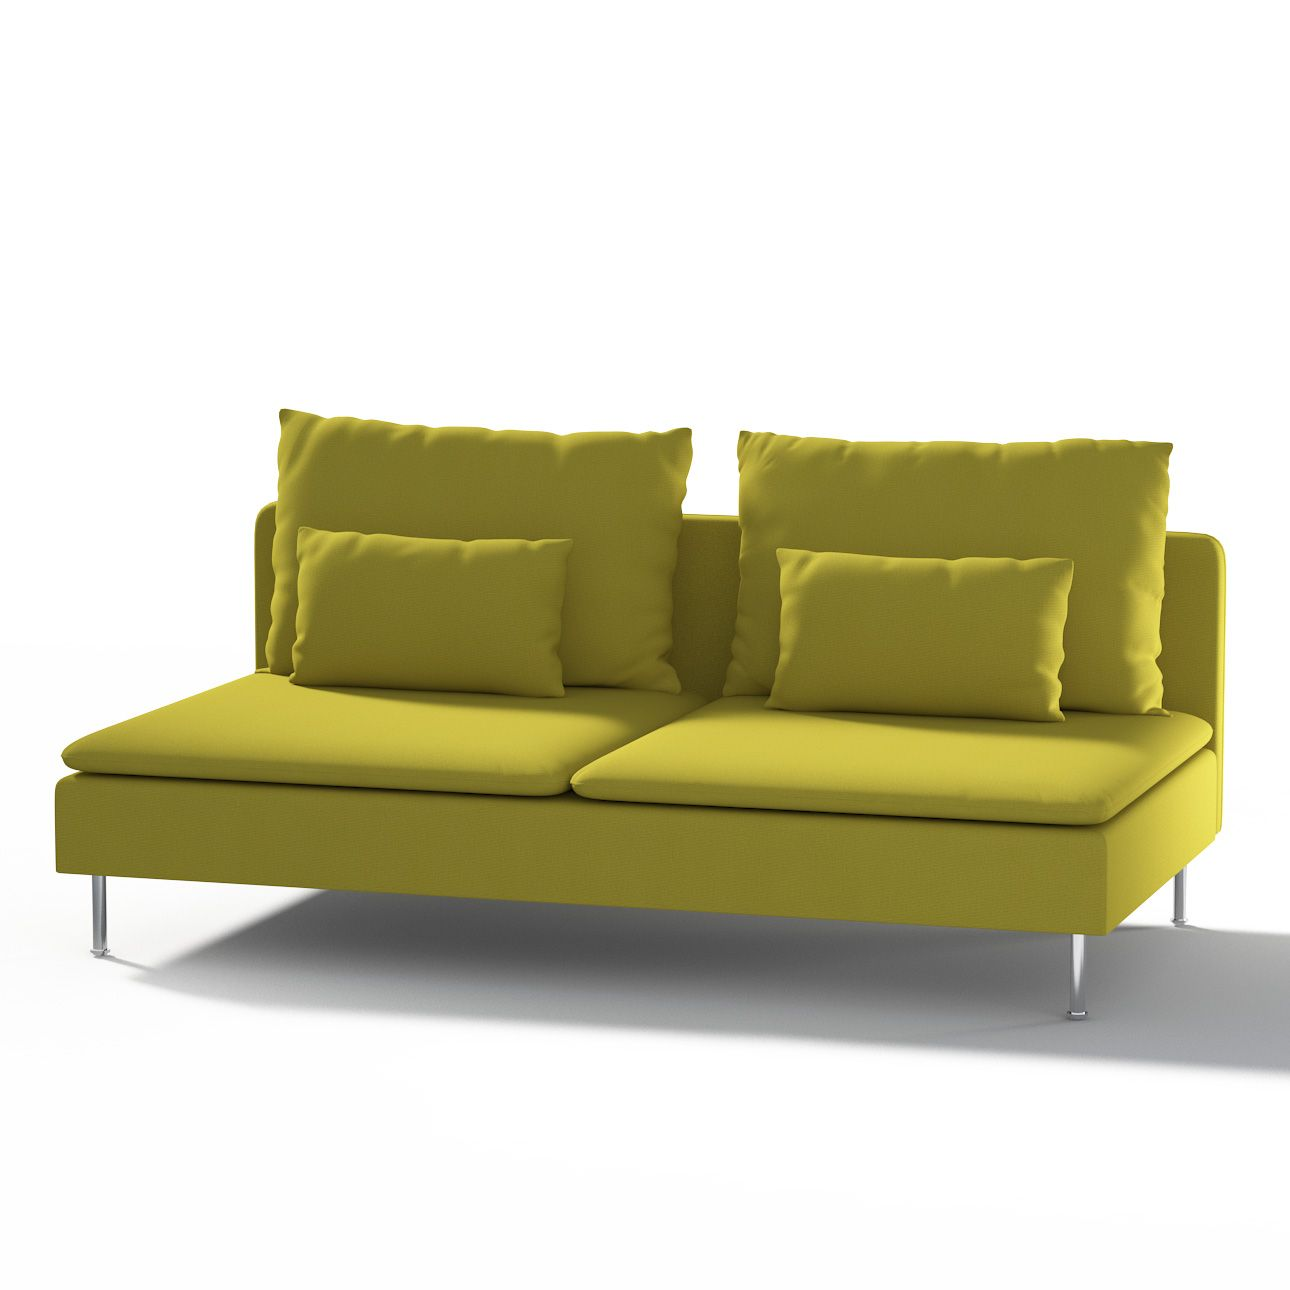 Full Size of Sderhamn Etna Ausklappbares Bett Ausklappbar Wohnzimmer Couch Ausklappbar